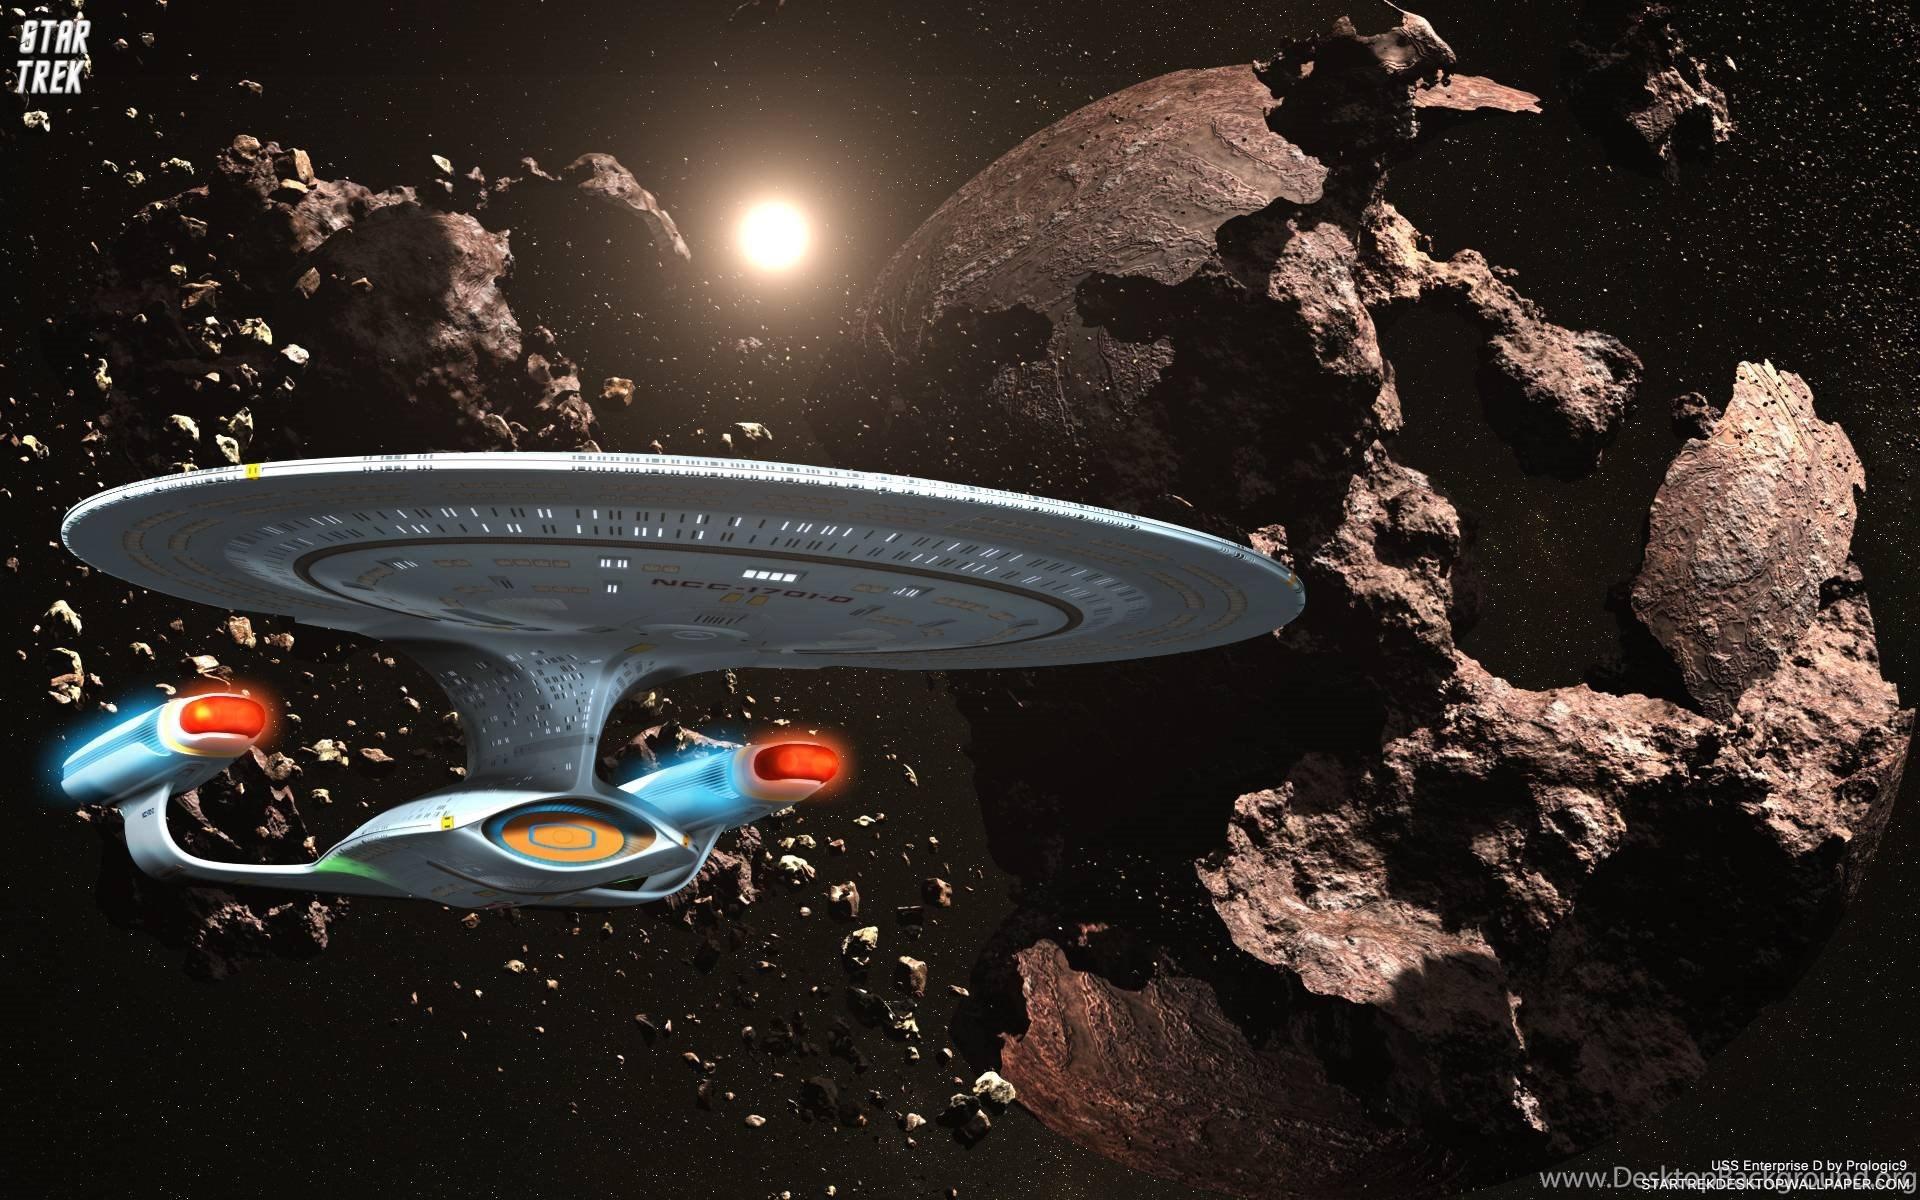 Star Trek Uss Enterprise D Ncc 1701 In Asteroid Field Free Star